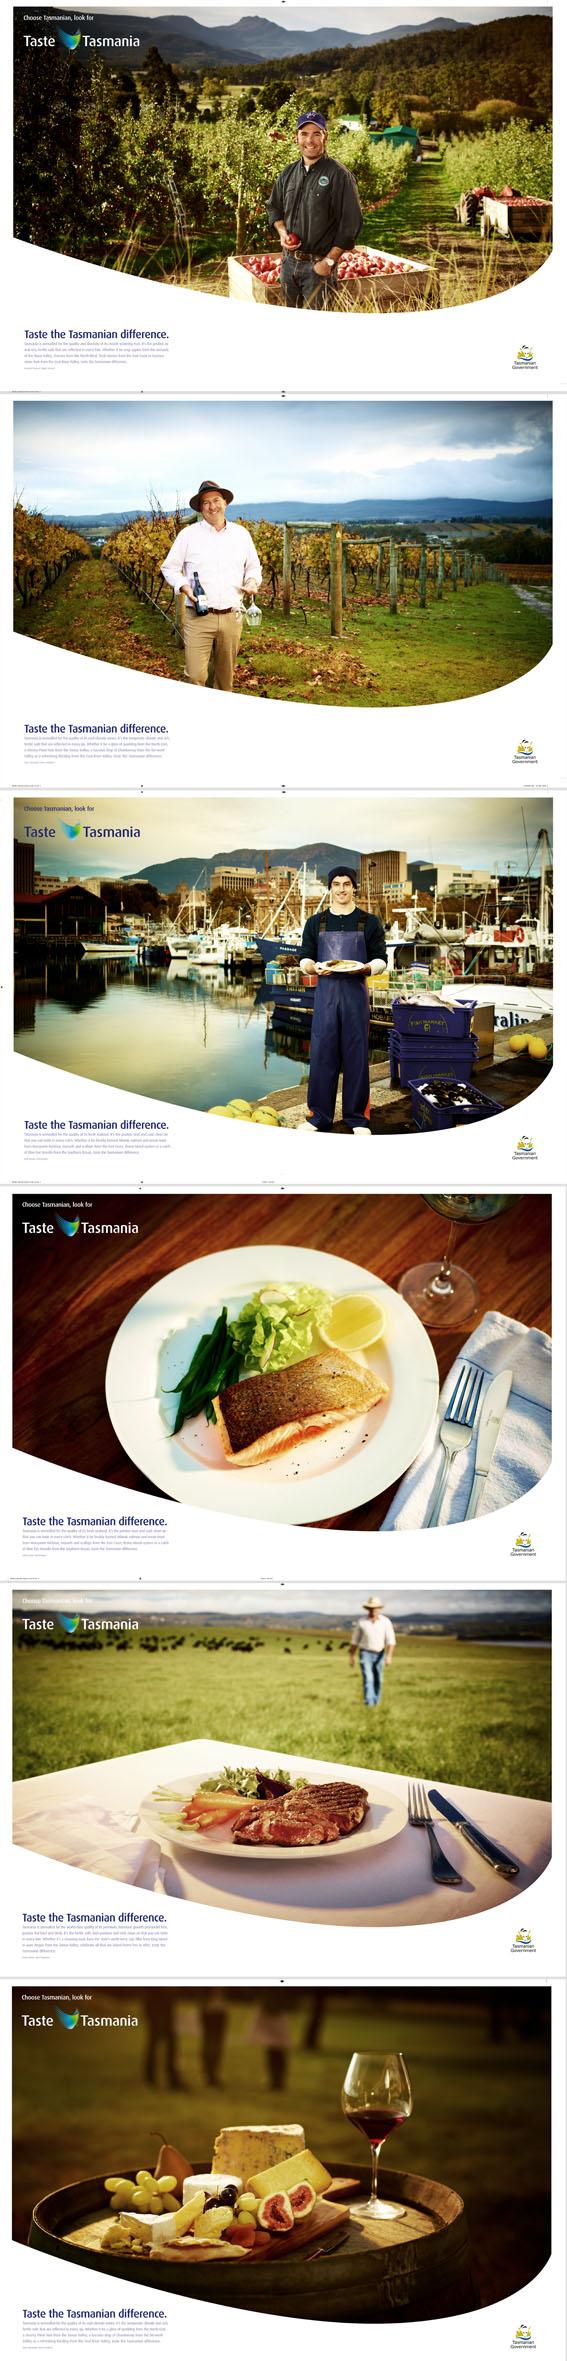 Taste Tasmania Campaign